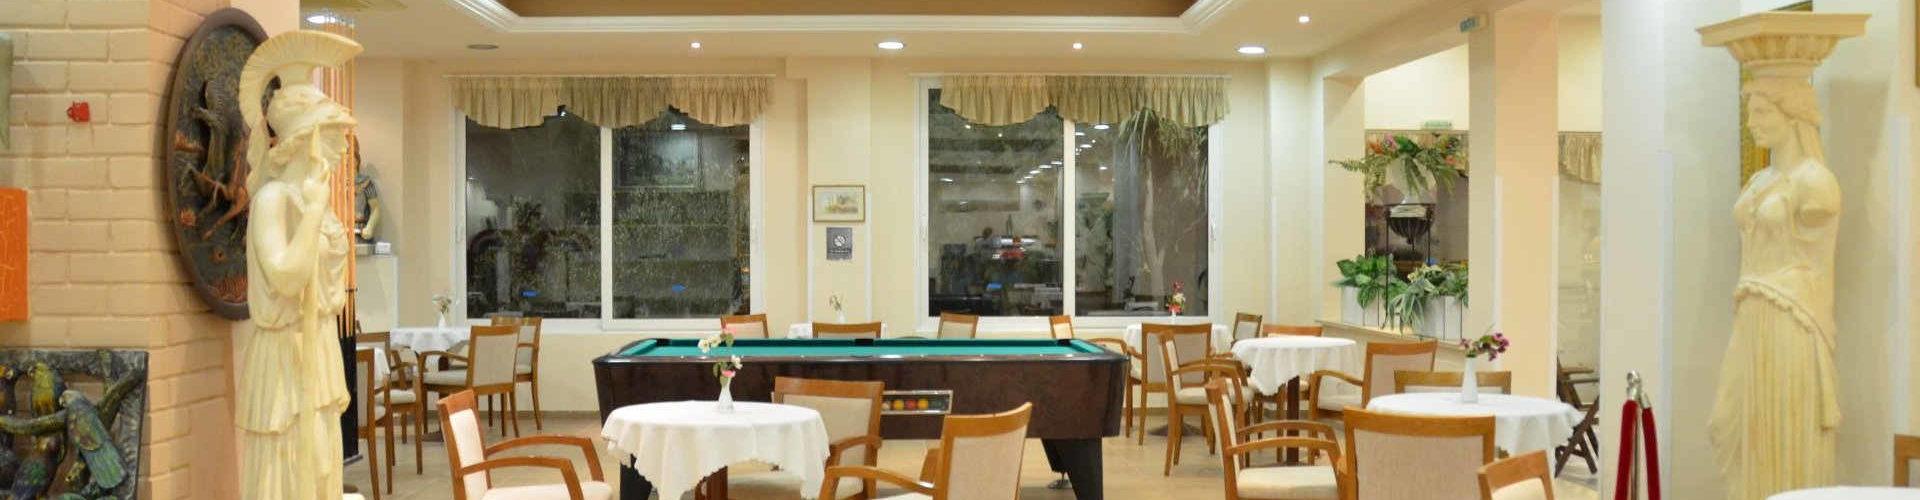 SHR Restaurant 24